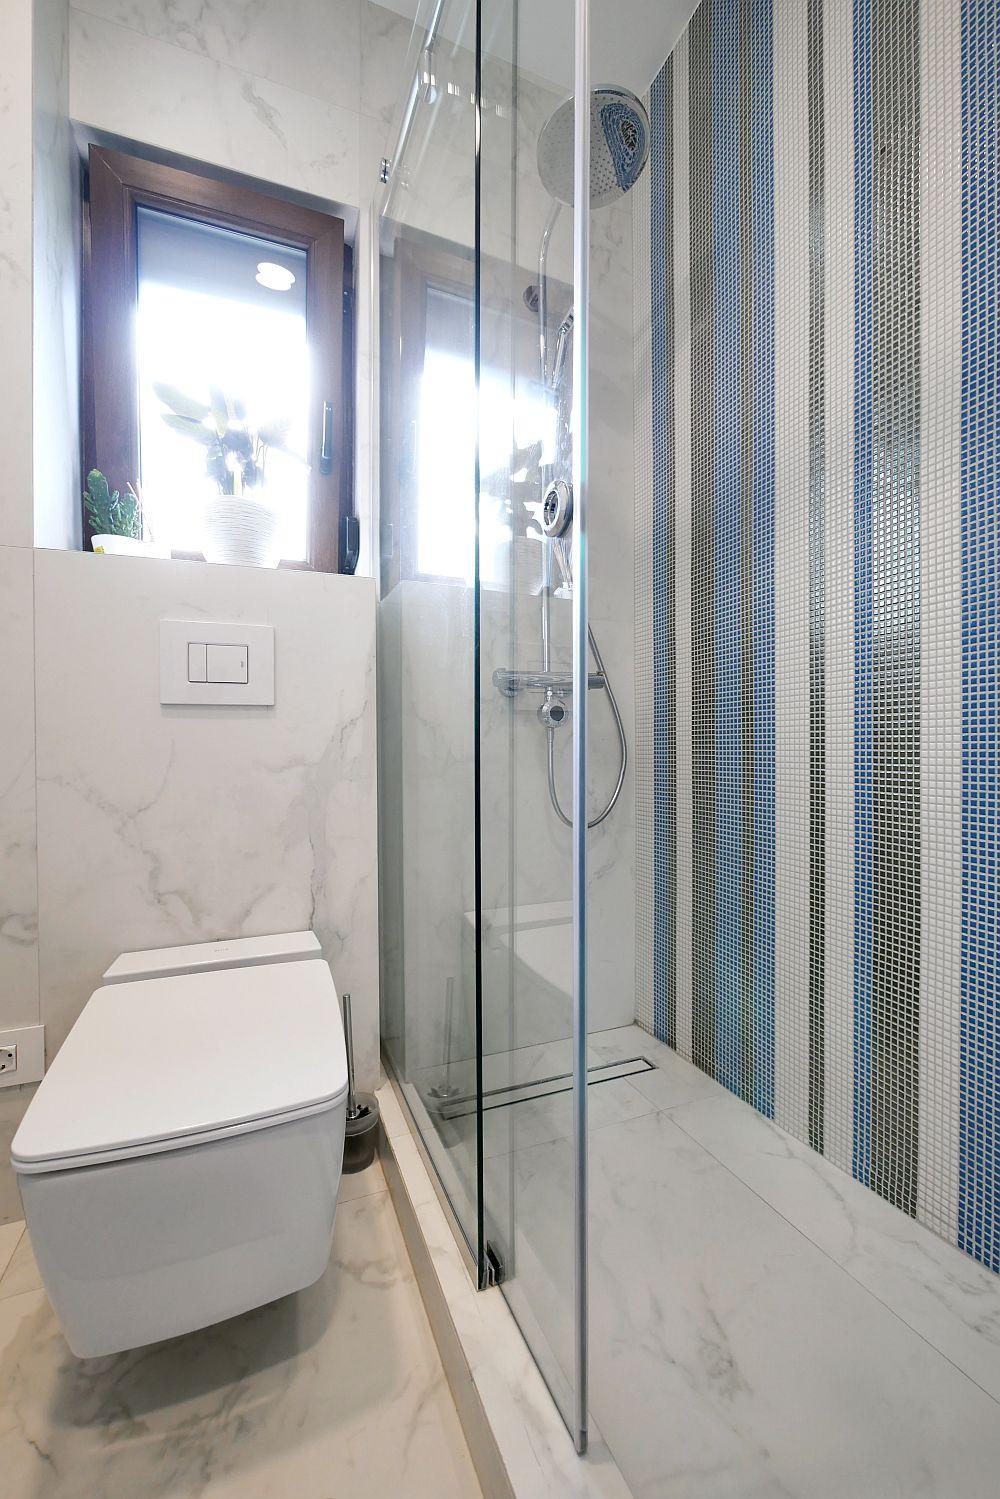 Baia are o suprafață mică și atipică, cu multe colțuri și a trebuit integral refăcută. În locul căzii s-a optat pentru o cabină de duș construită închisă cu panouri de sticlă realizate pe comandă la firma Decoflex. Obiectele sanitare au fost achiziționate de la Delta Studio.